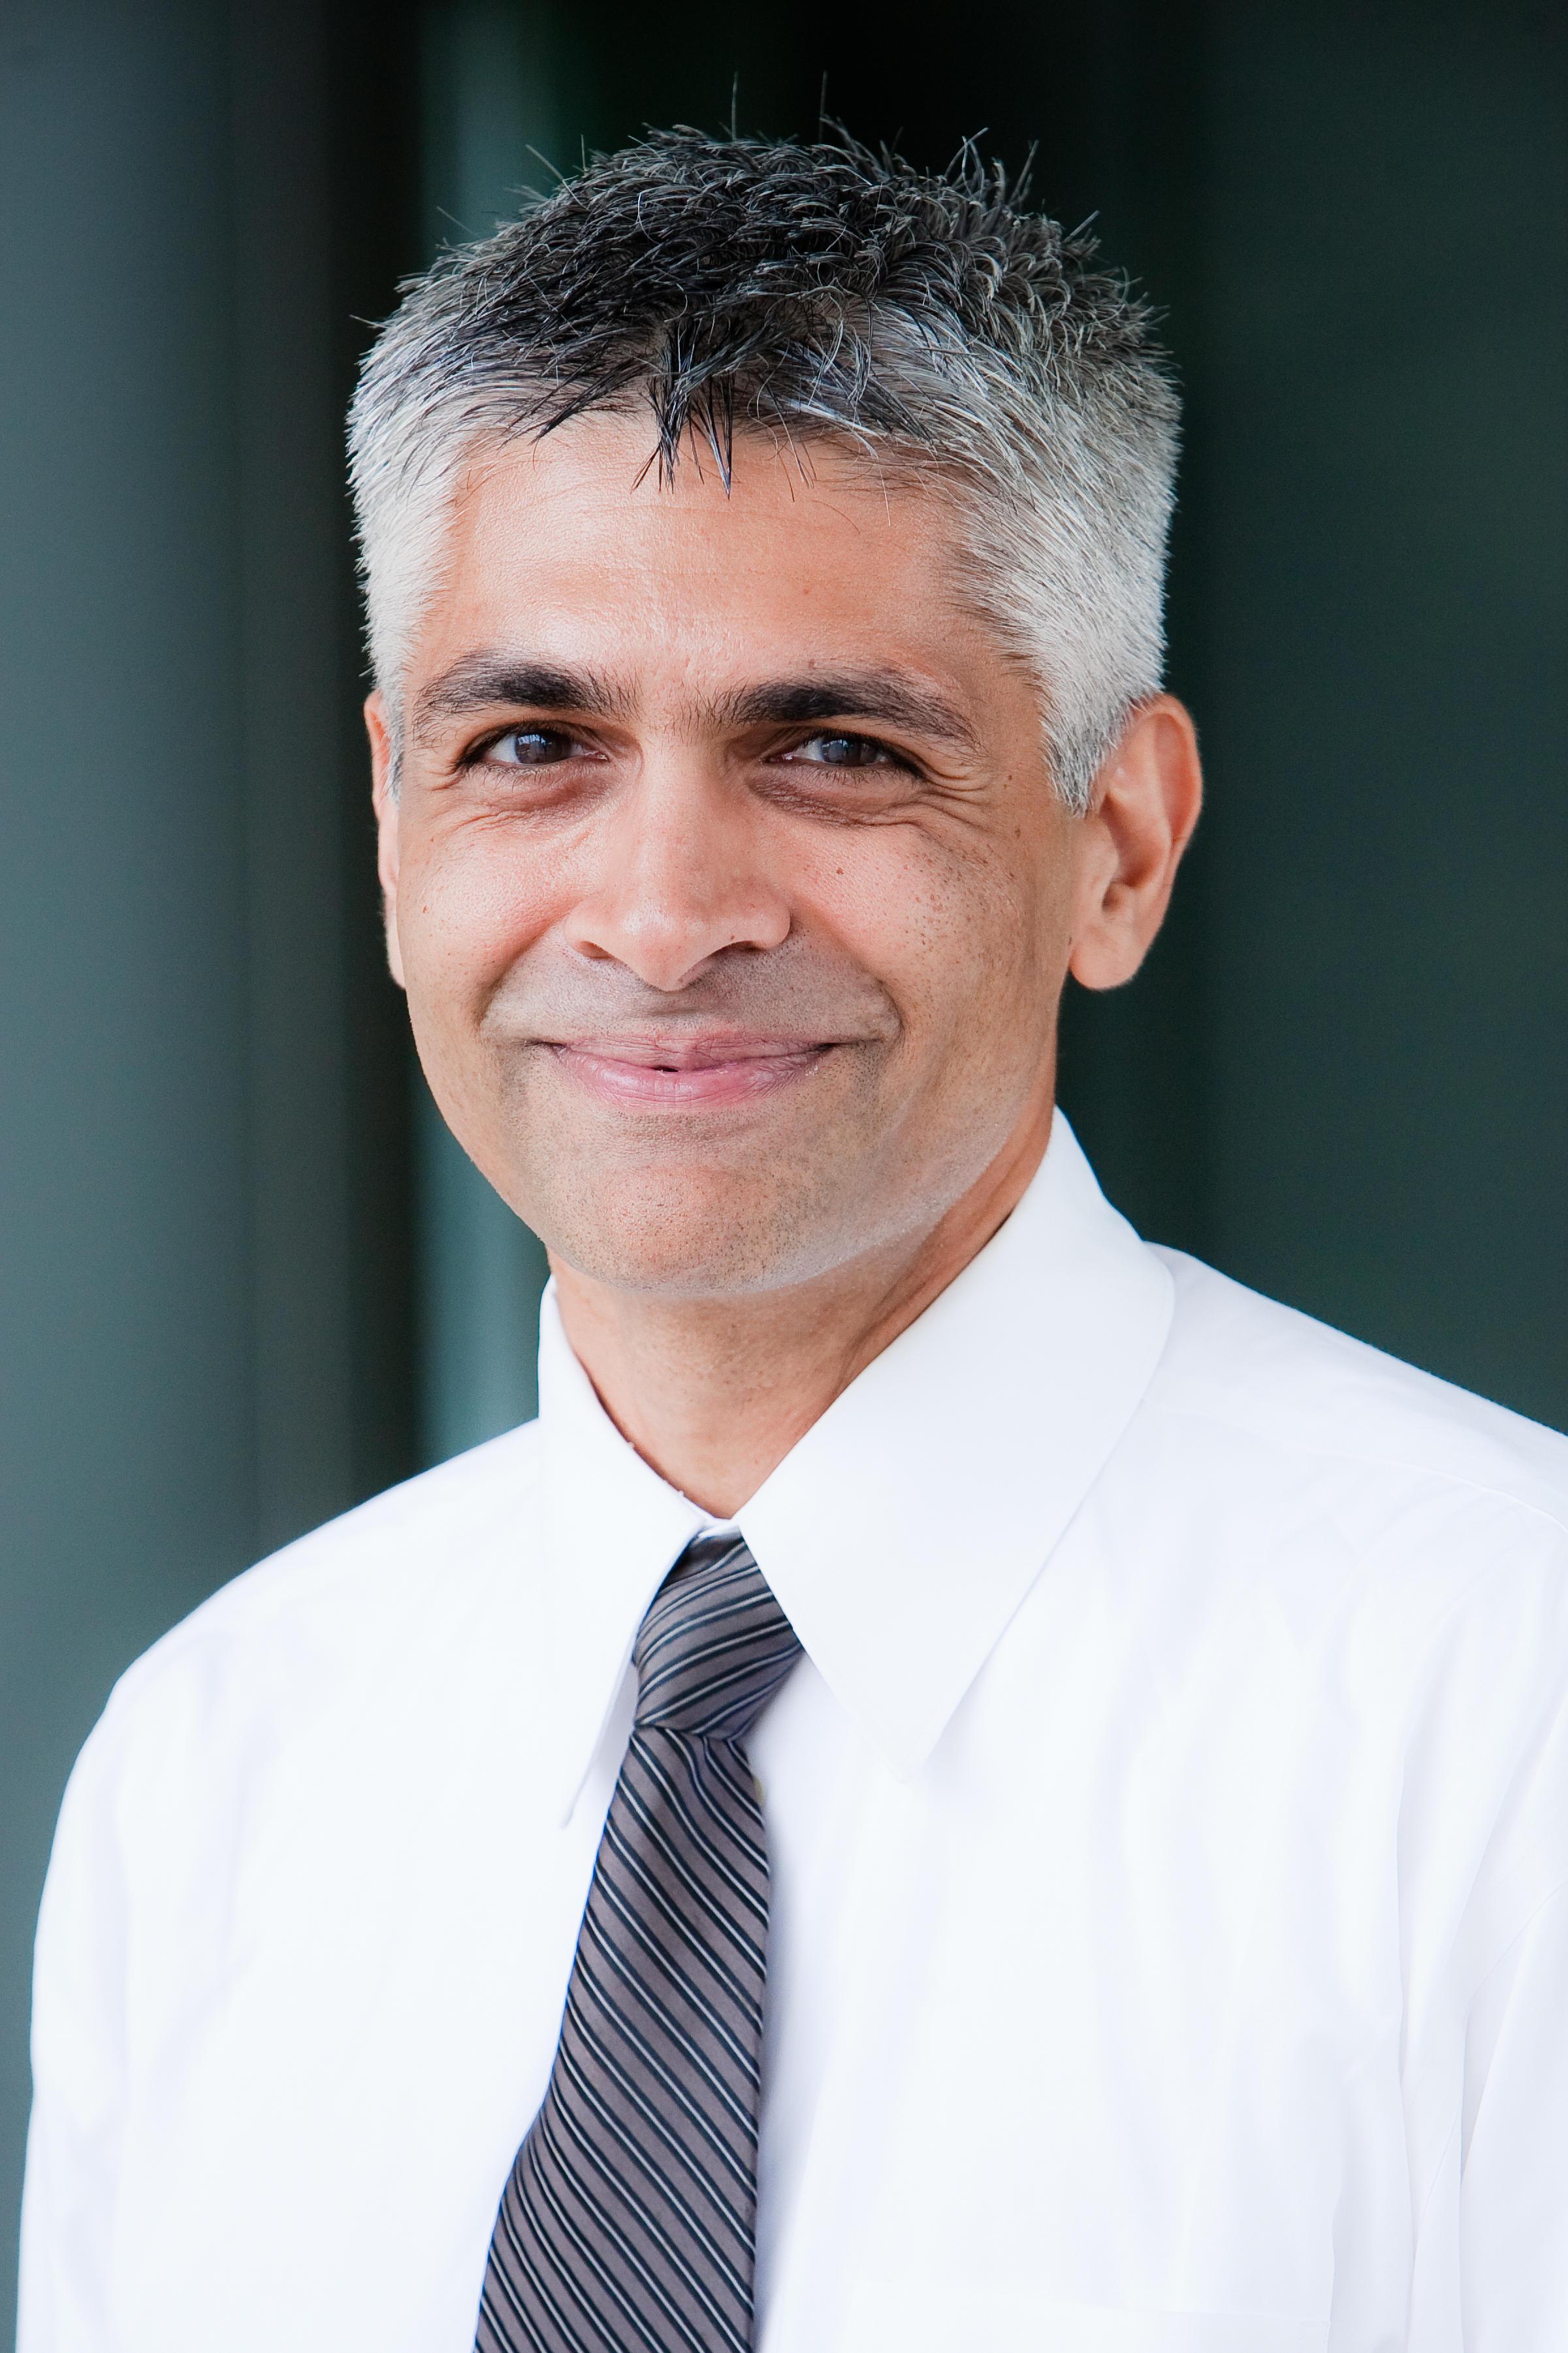 Sunil J. Advani, MD